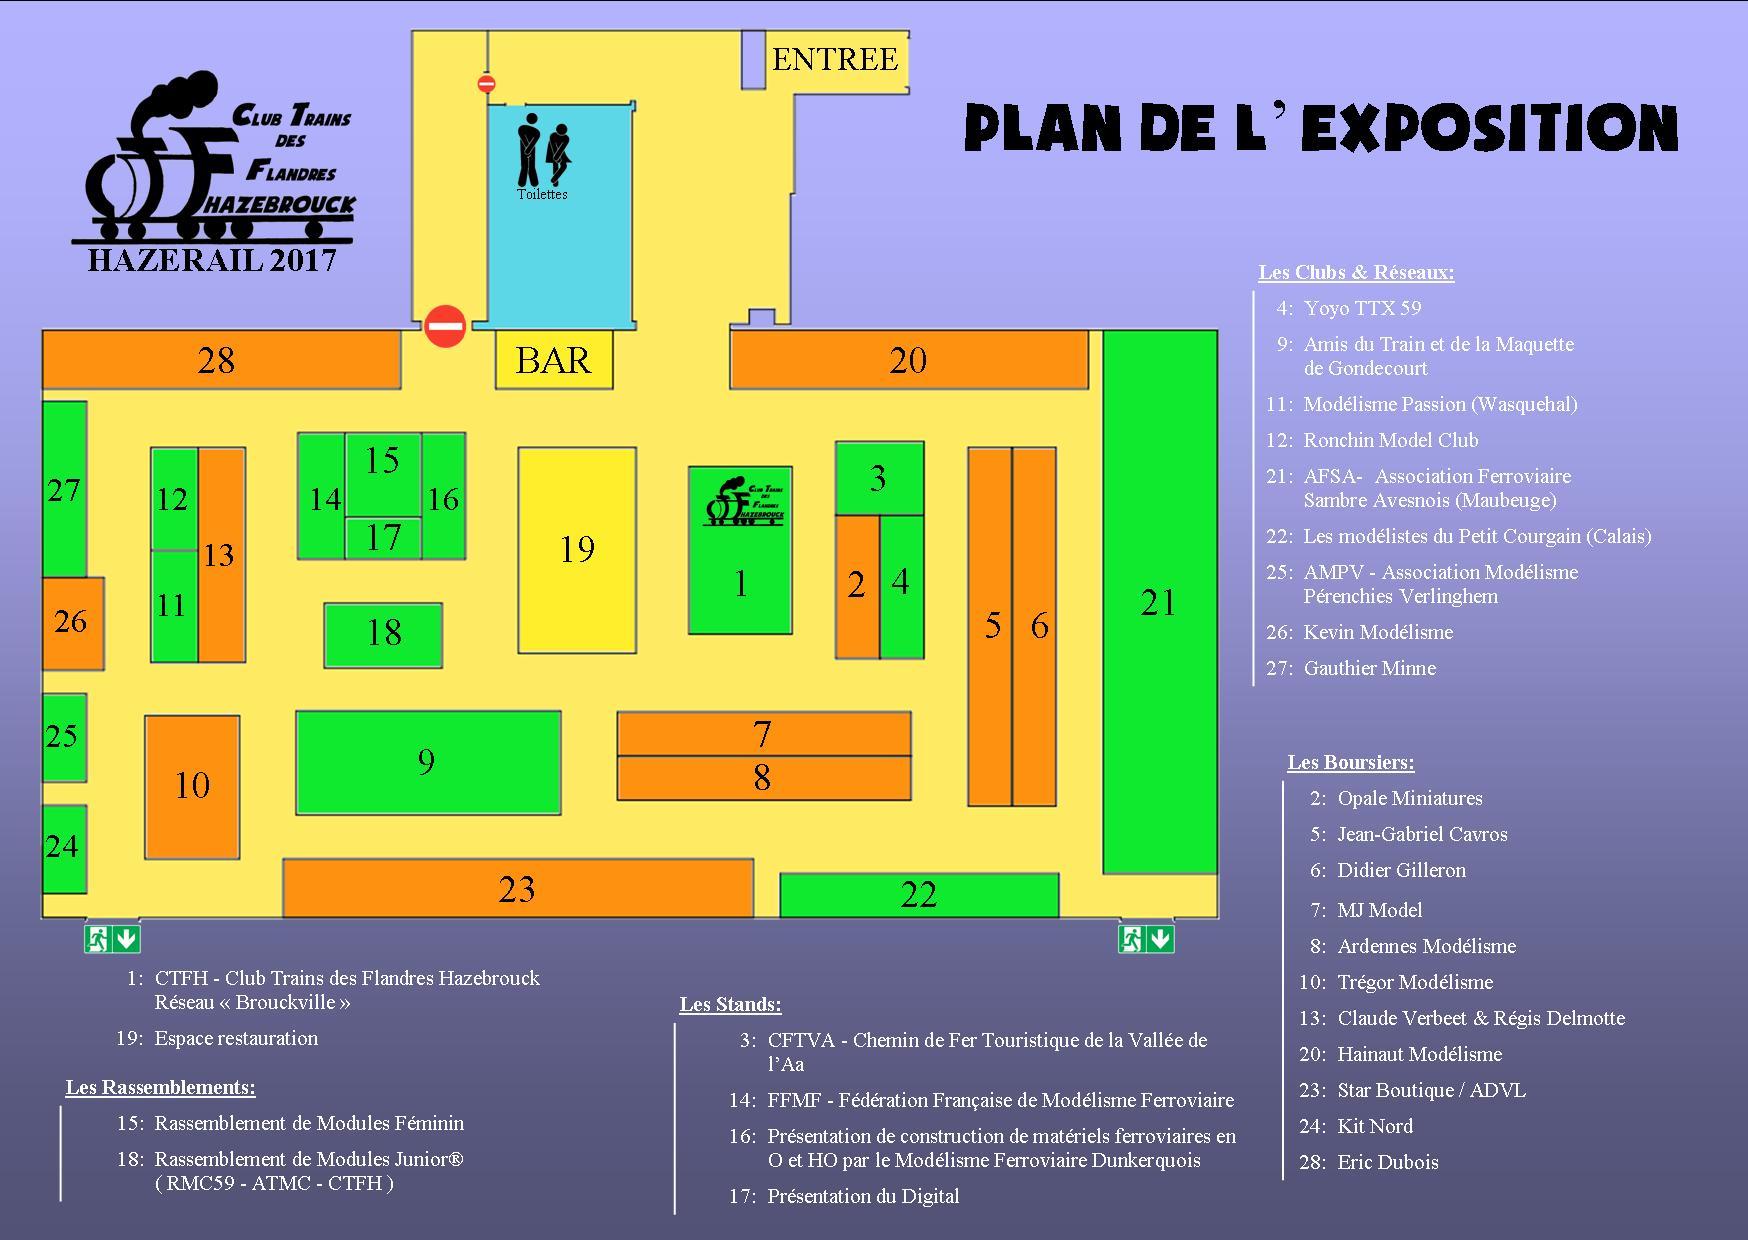 Hazerail 2017 : Plan de l'exposition-bourse